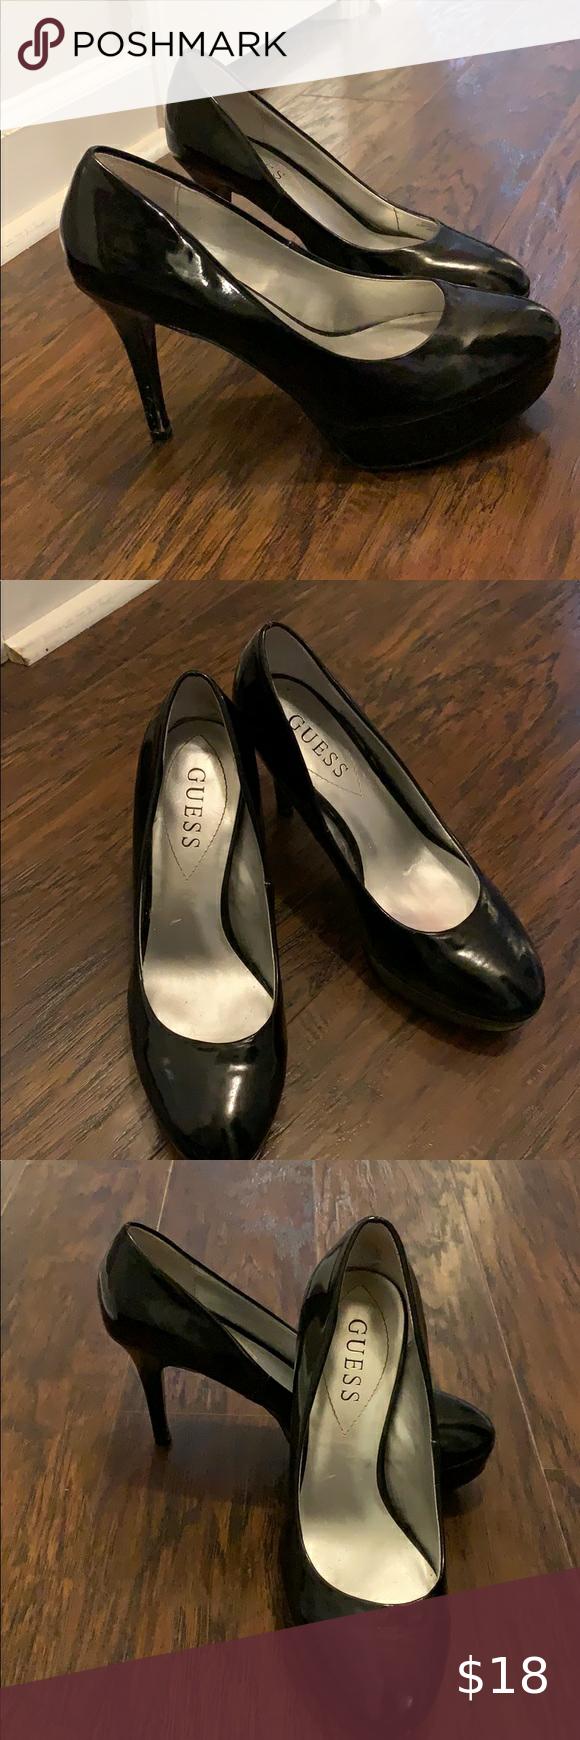 Guess Pump Heels Used Condition In 2020 Pumps Heels Heels Shoes Women Heels